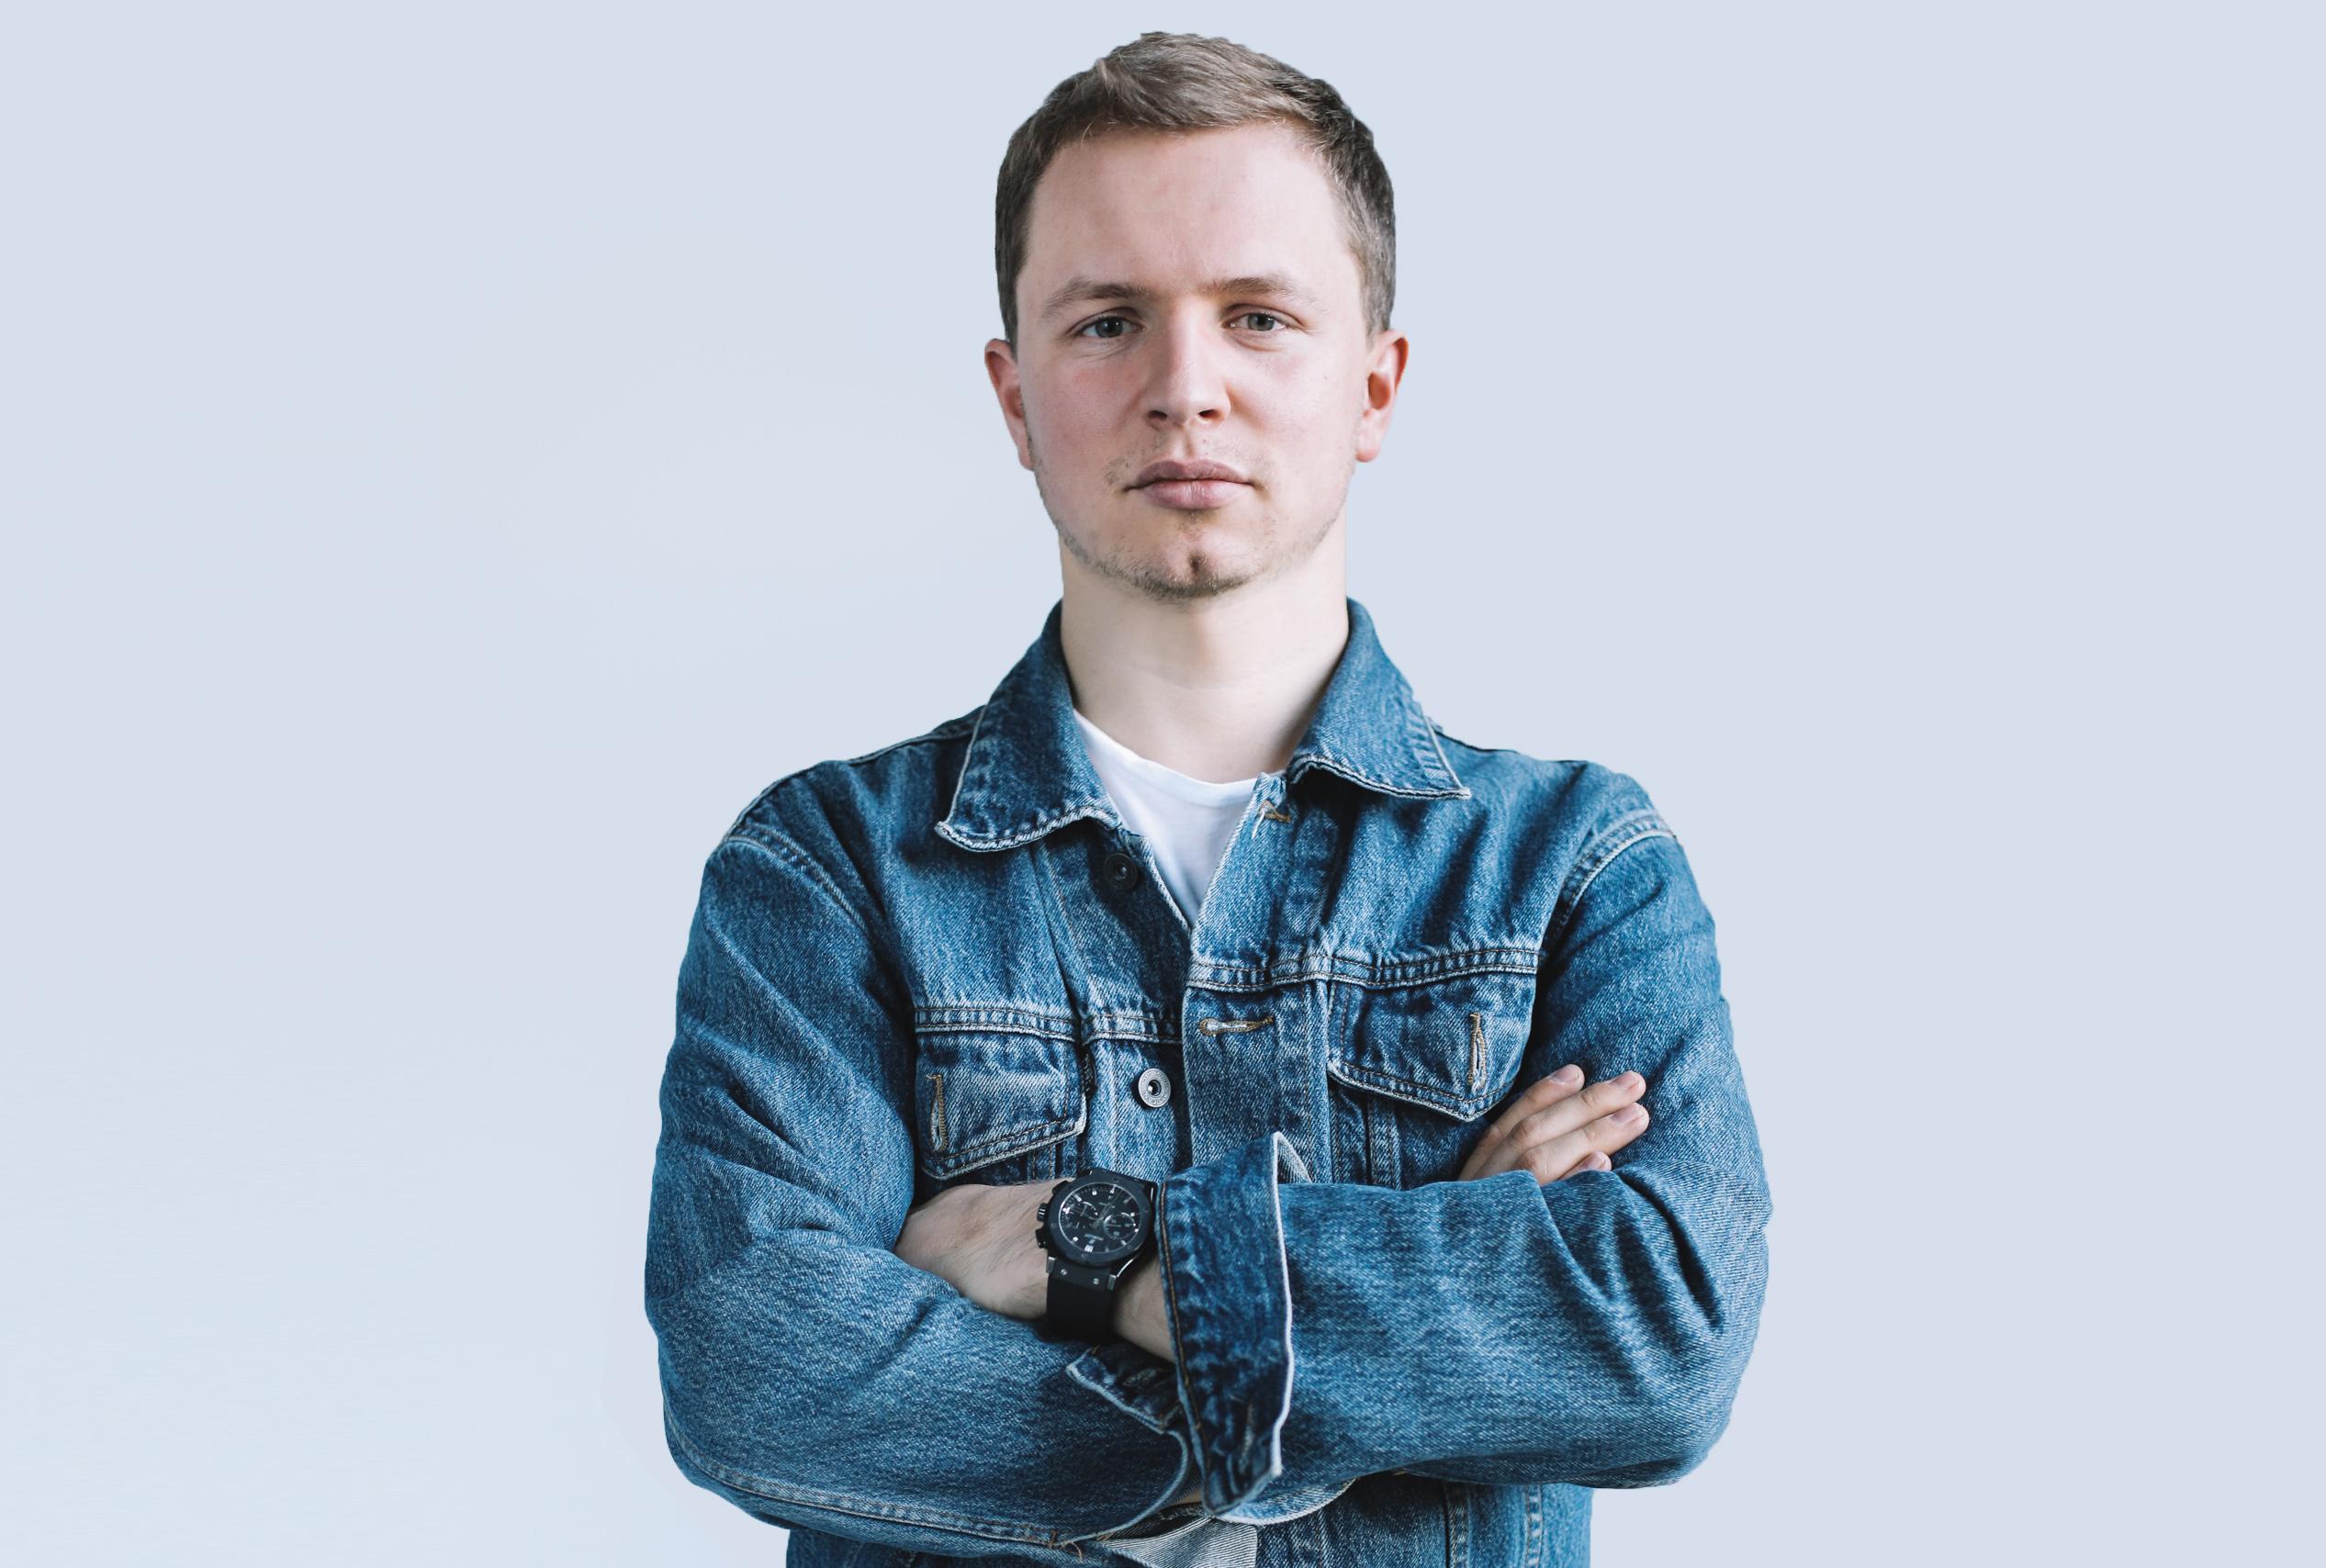 «Мы хотим создать революционную платформу, где все будет быстро, удобно, кайфово, интересно и результативно», — Олесь Тимофеев, основатель компании GeniusMarketing